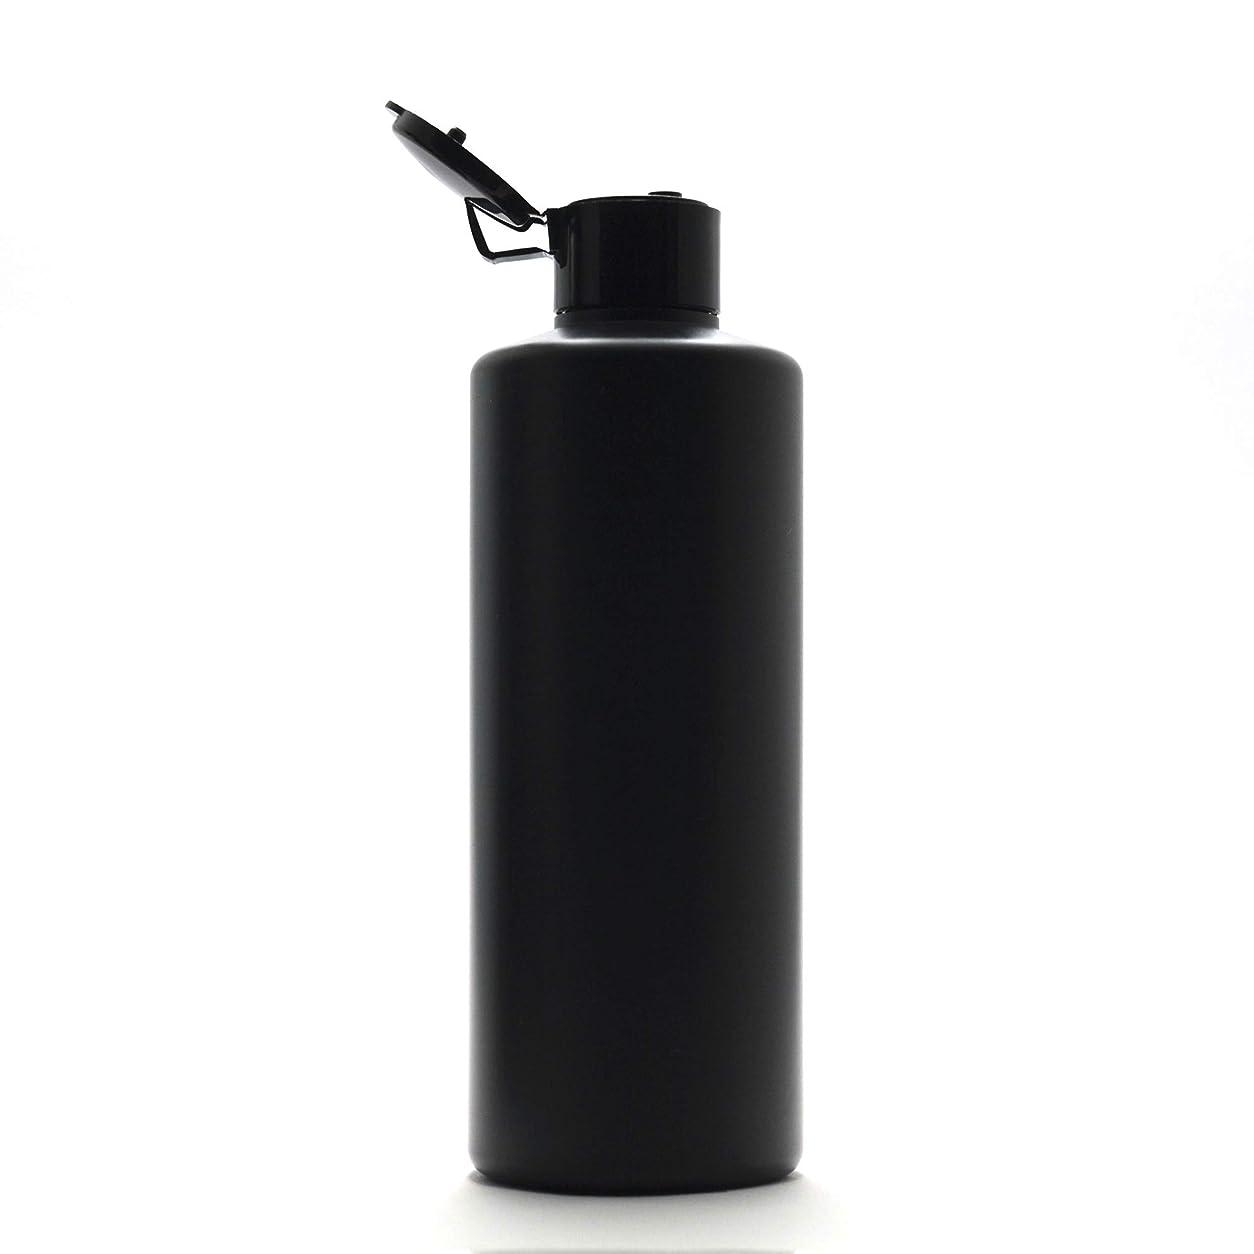 引き出しコックゲートプラスチック容器 300ml PE ストレートボトル [ ボトル: 遮光黒 / ヒンジキャプ:ブラック ※パッキン付き ]